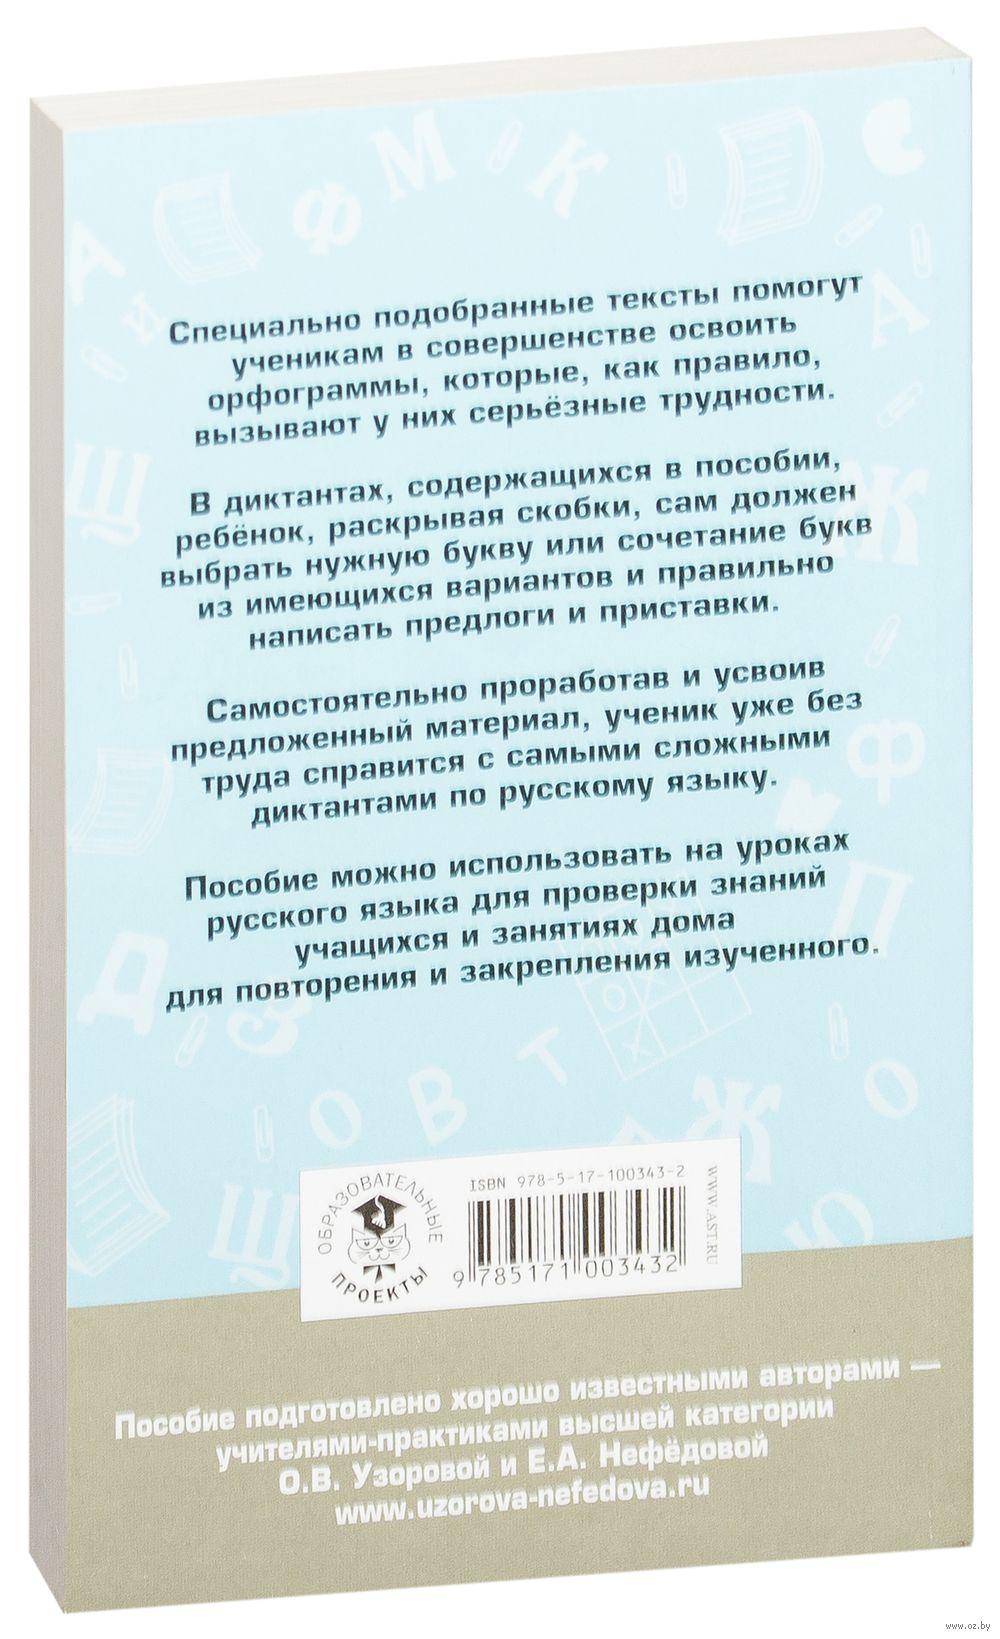 Подготовка к контрольным диктантам по русскому языку класс   Подготовка к контрольным диктантам по русскому языку 4 класс фото картинка 16